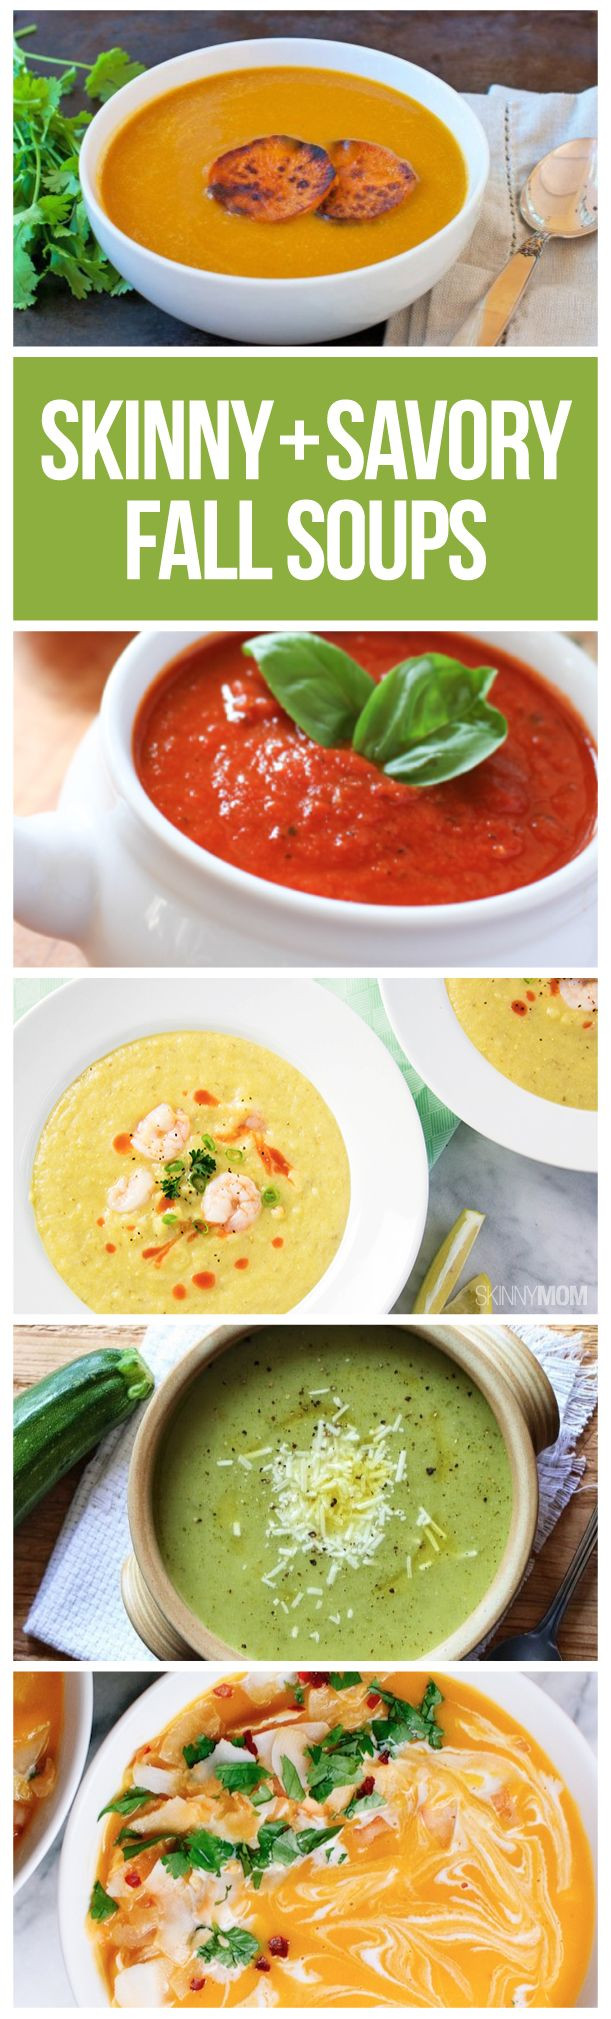 Fall Soups Healthy  Best 25 Look skinny ideas on Pinterest